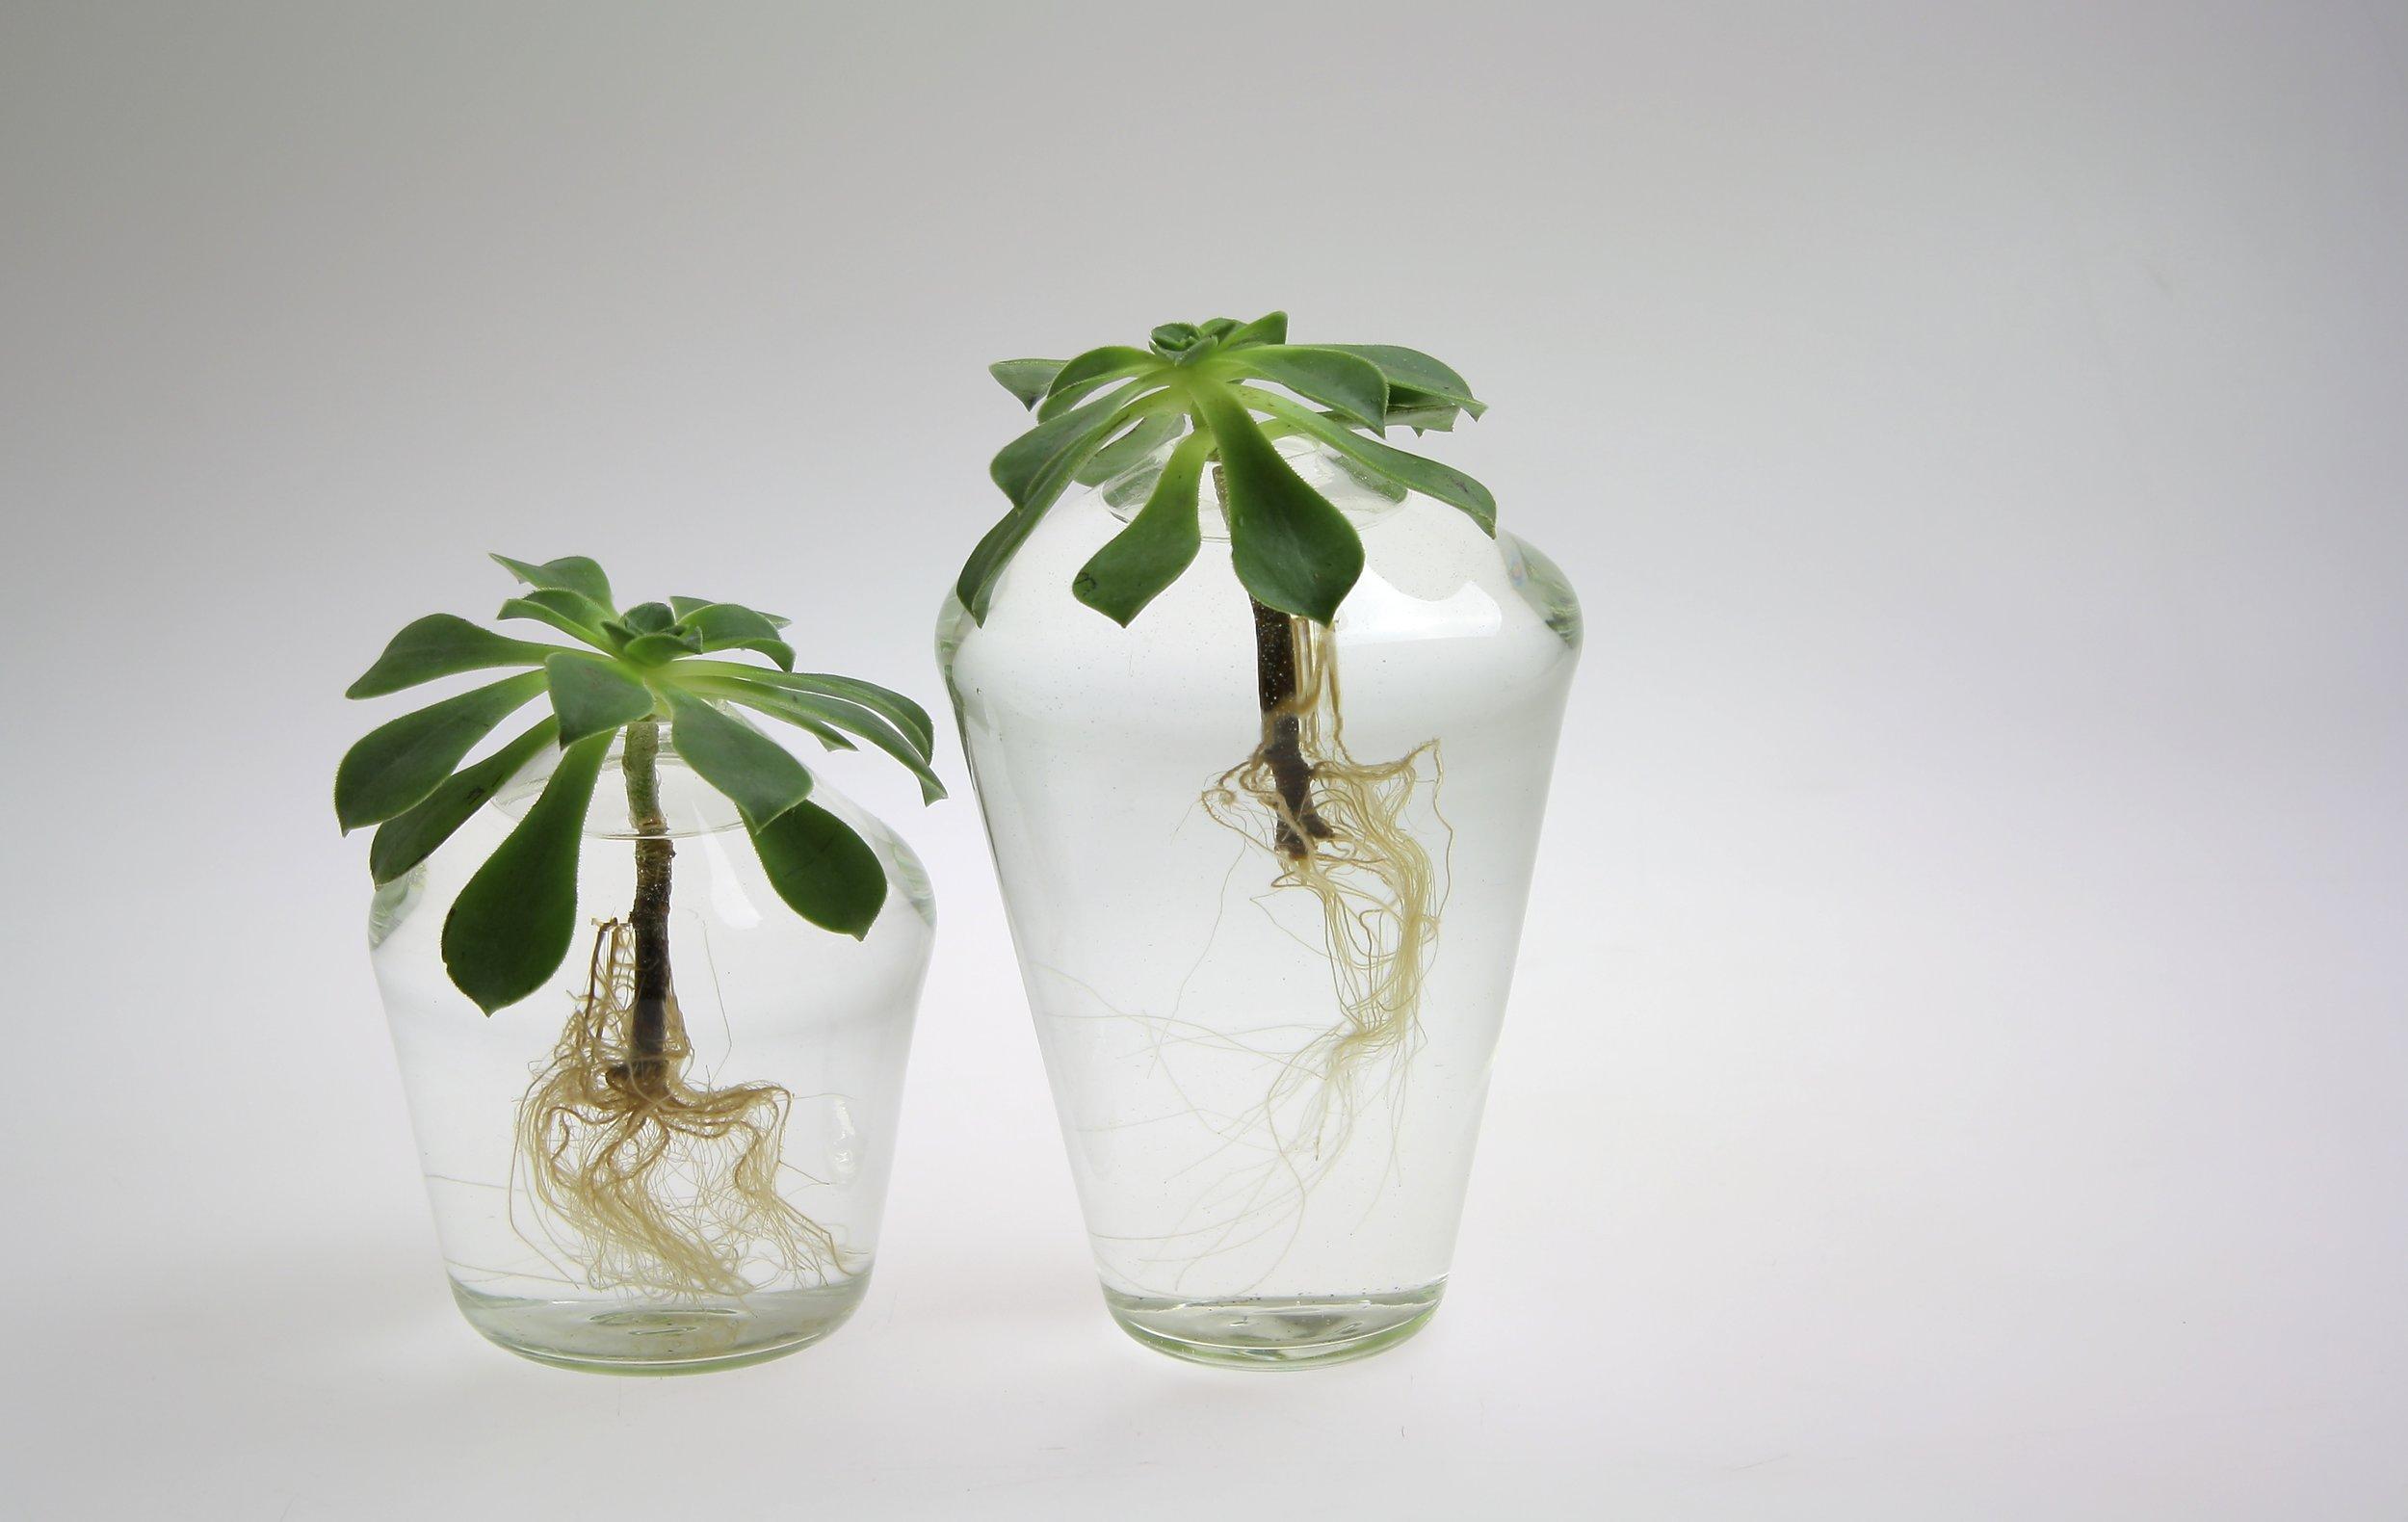 Succulent Vases, 2015